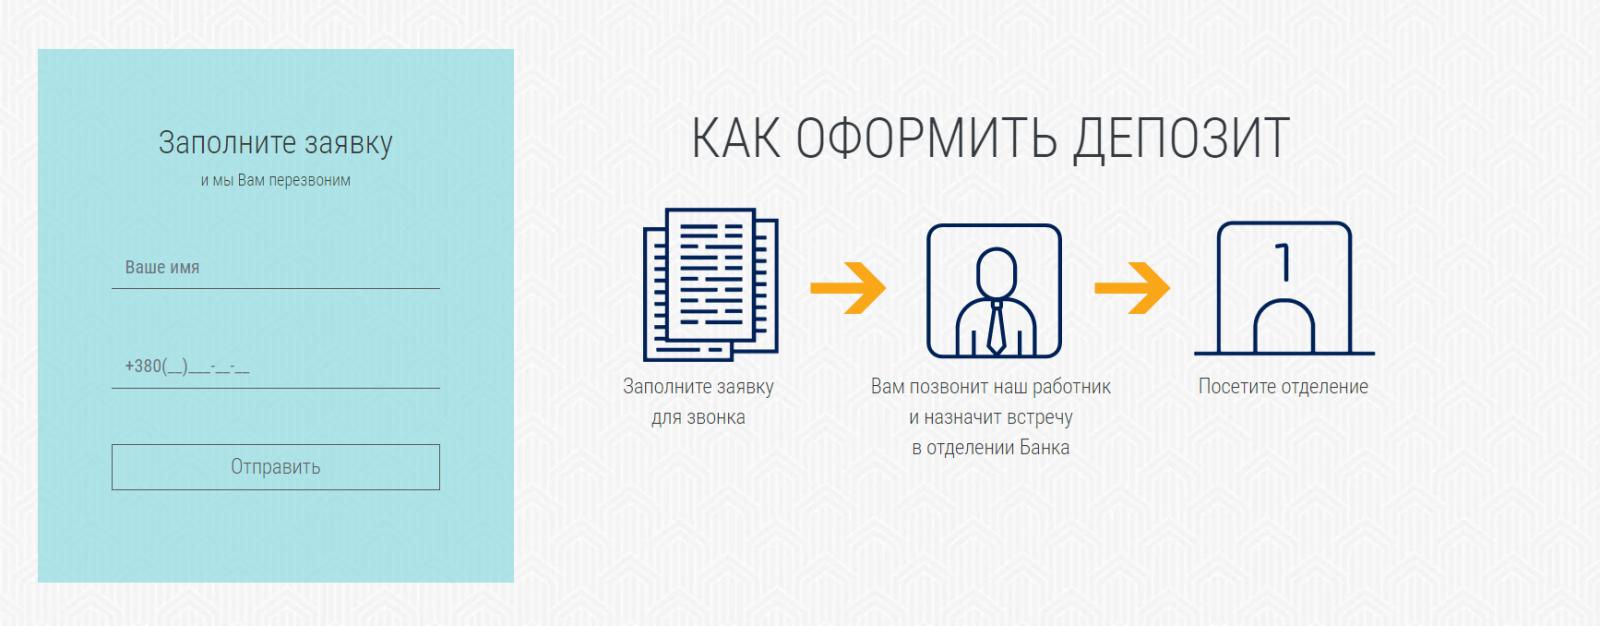 онлайн заявка на кредит альянс банк